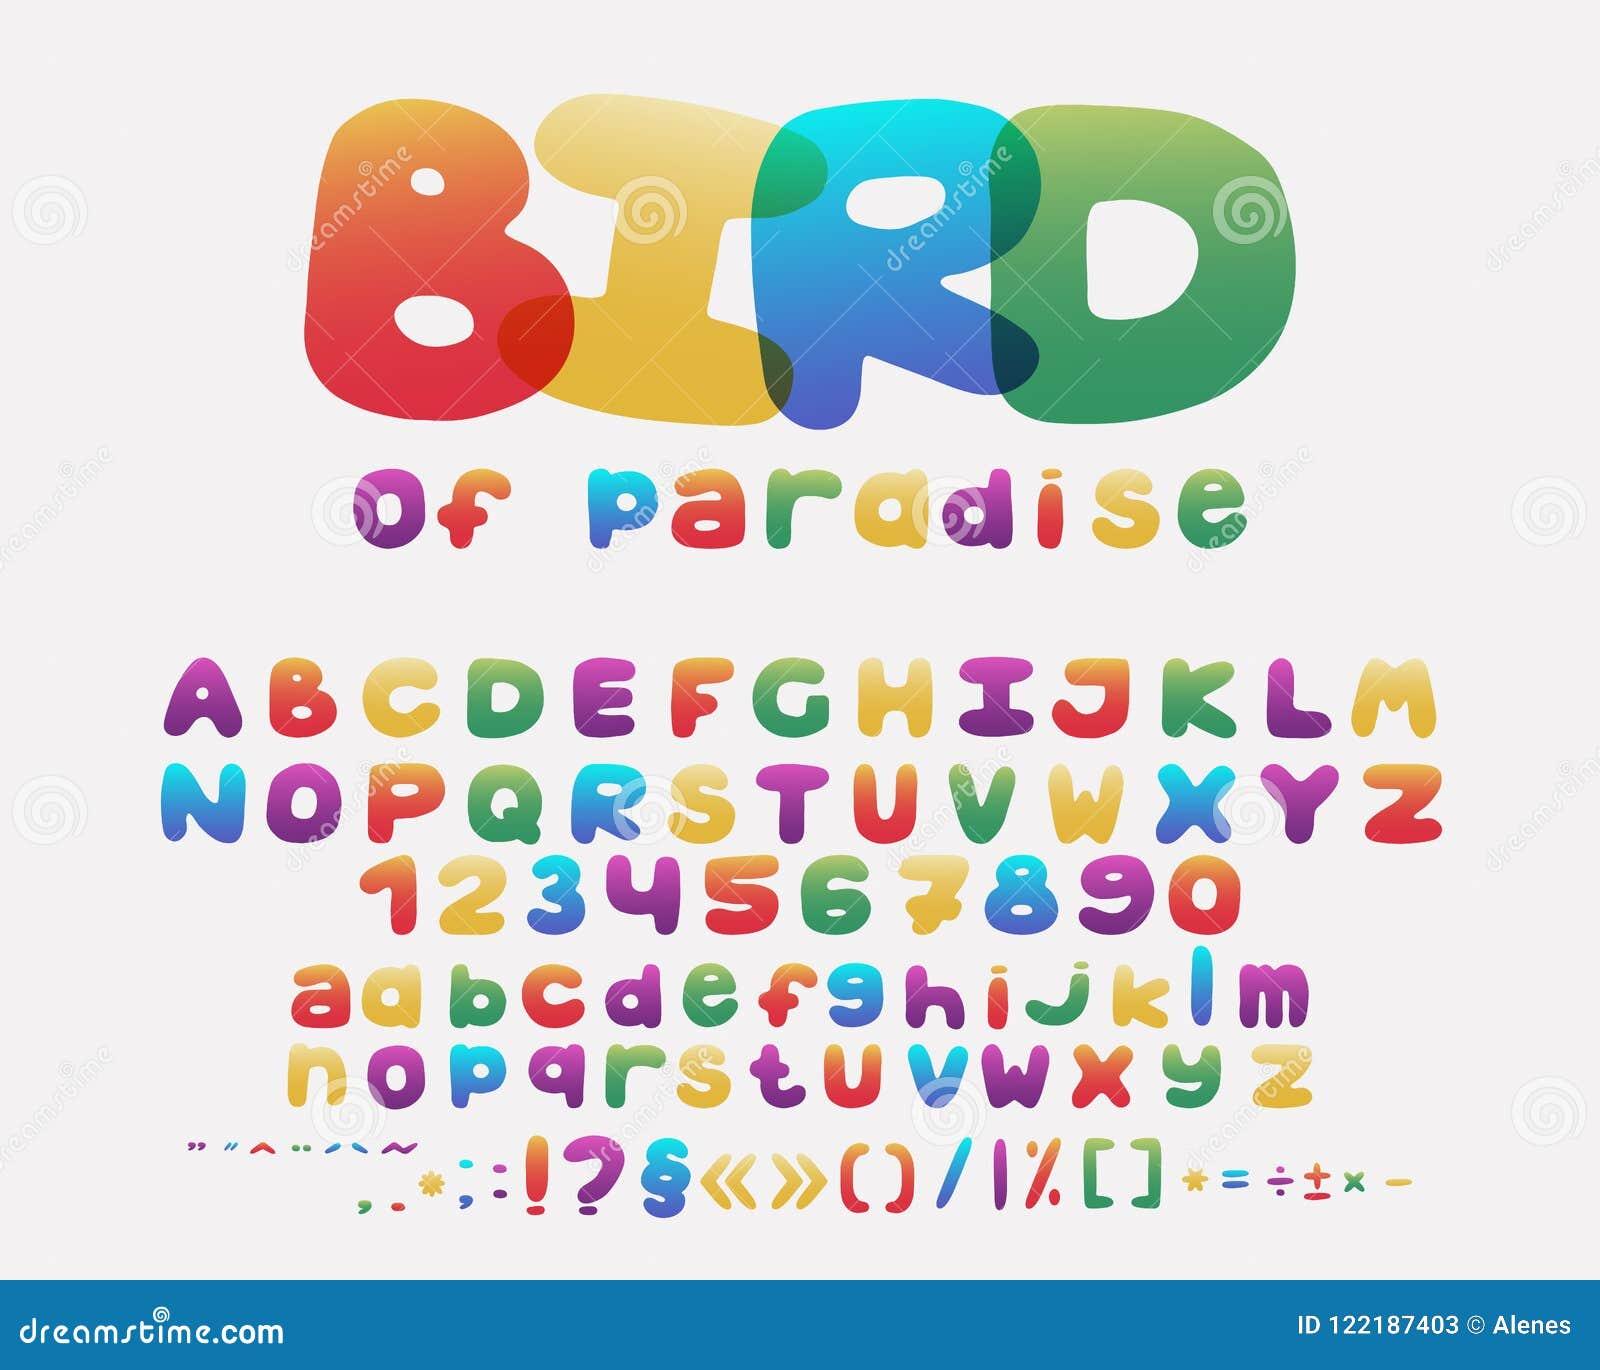 Σχέδιο κινούμενων σχεδίων αλφάβητου ύφος ουράνιων τόξων Κεφαλαίοι και πεζοί επιστολές, αριθμοί και σημεία στίξης Διάνυσμα πηγών